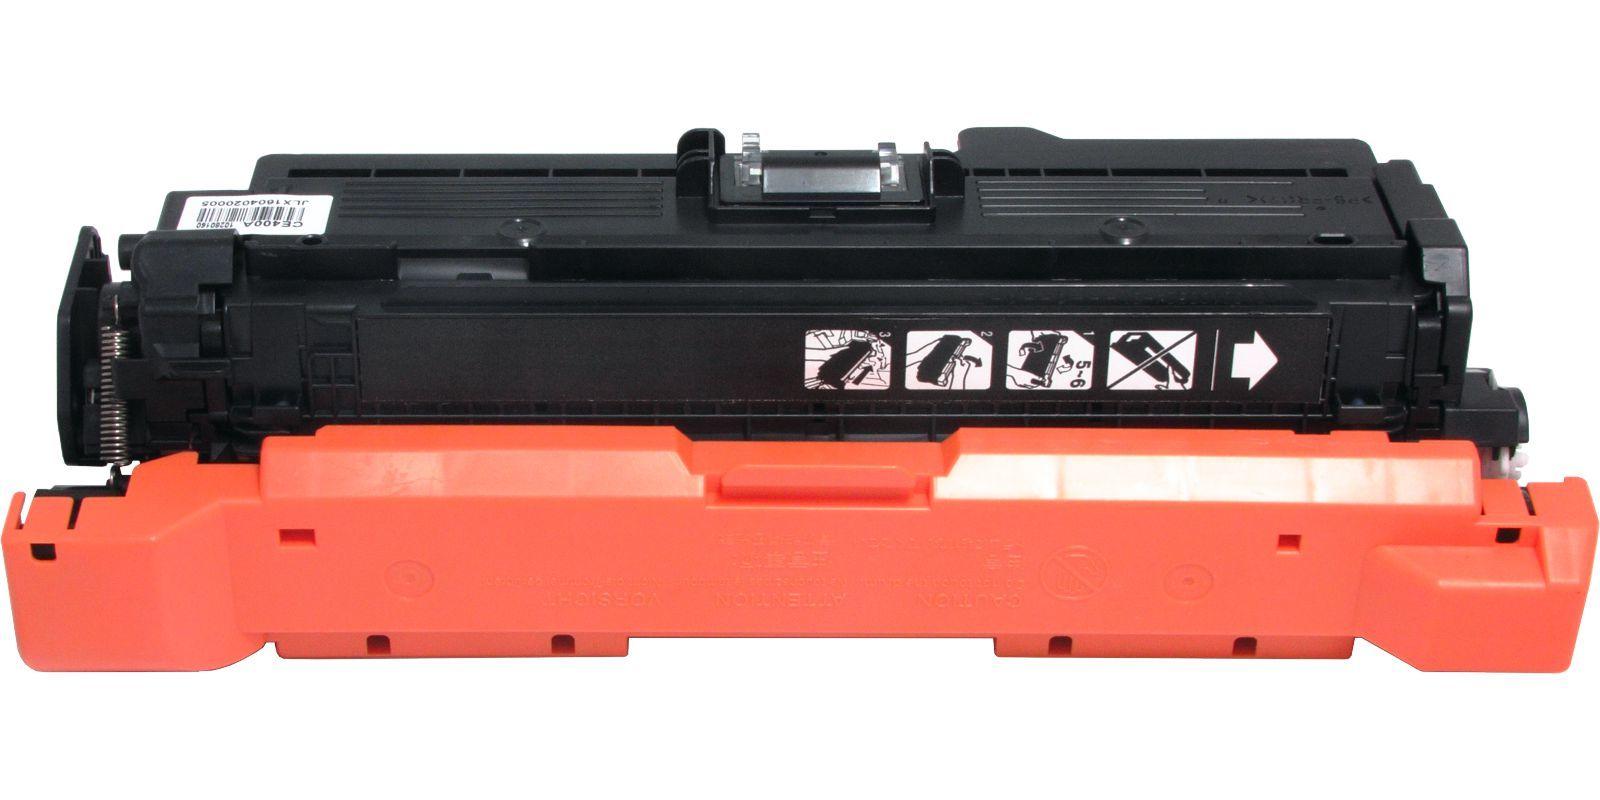 Картридж лазерный цветной MAK© 507A CE403A пурпурный (magenta), до 6000 стр.